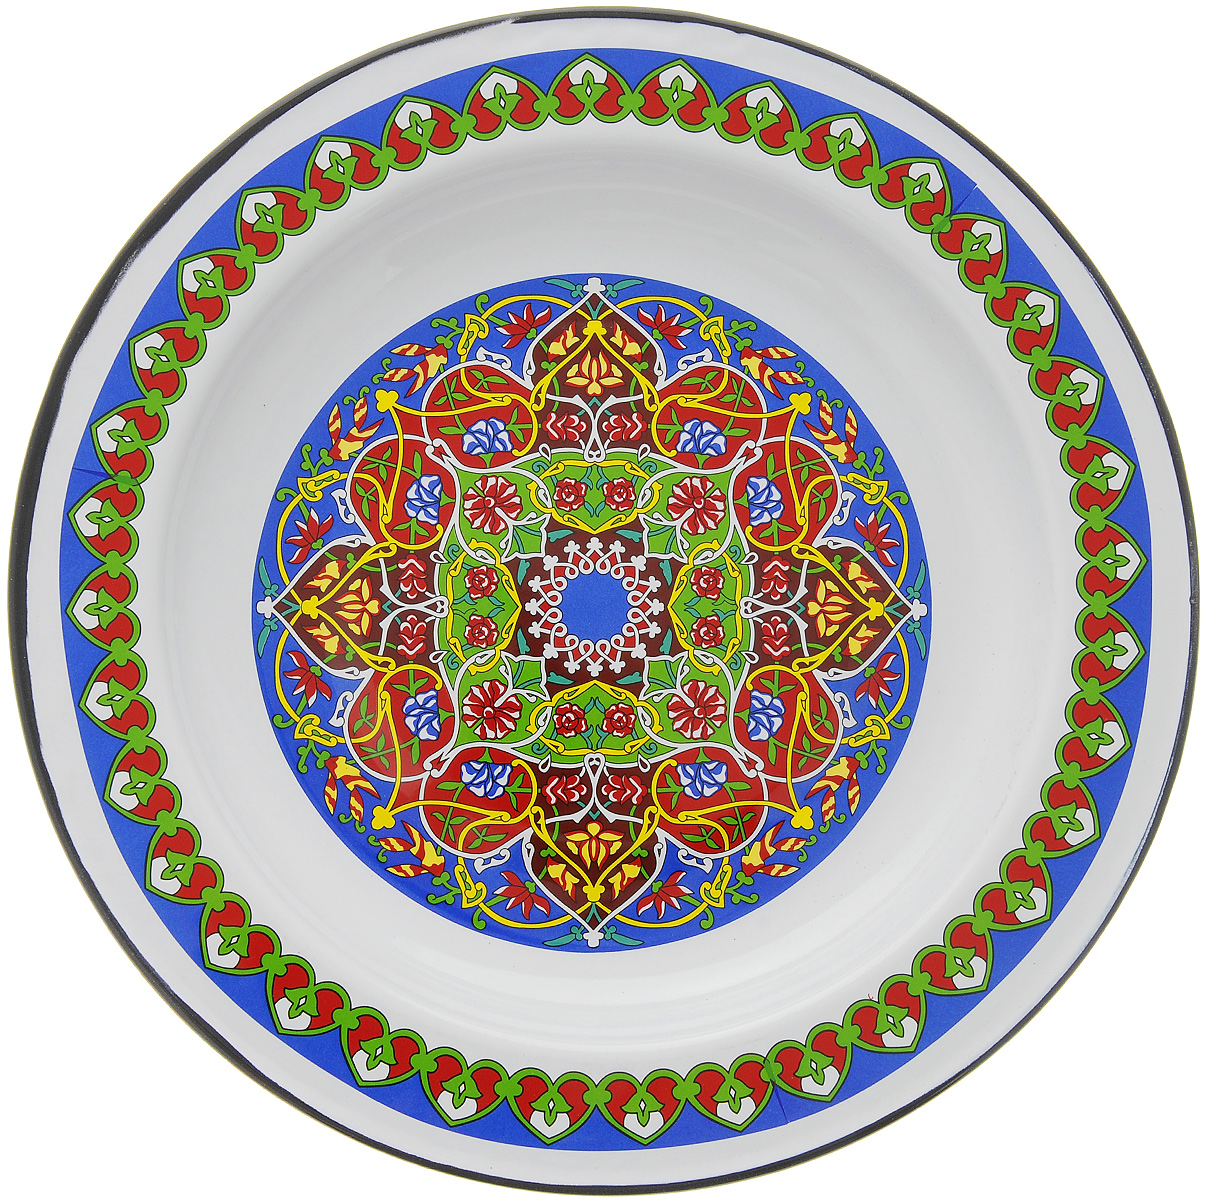 """Оригинальное СтальЭмаль """"Арабская"""", изготовленное из эмалированной, прекрасно подойдет для подачи нарезок, закусок и других блюд. Блюдо декорировано красивым узором. Оно украсит ваш кухонный стол, а также станет замечательным подарком к любому празднику. Диаметр блюда: 35,5 см.  Высота стенки: 3,5 см."""